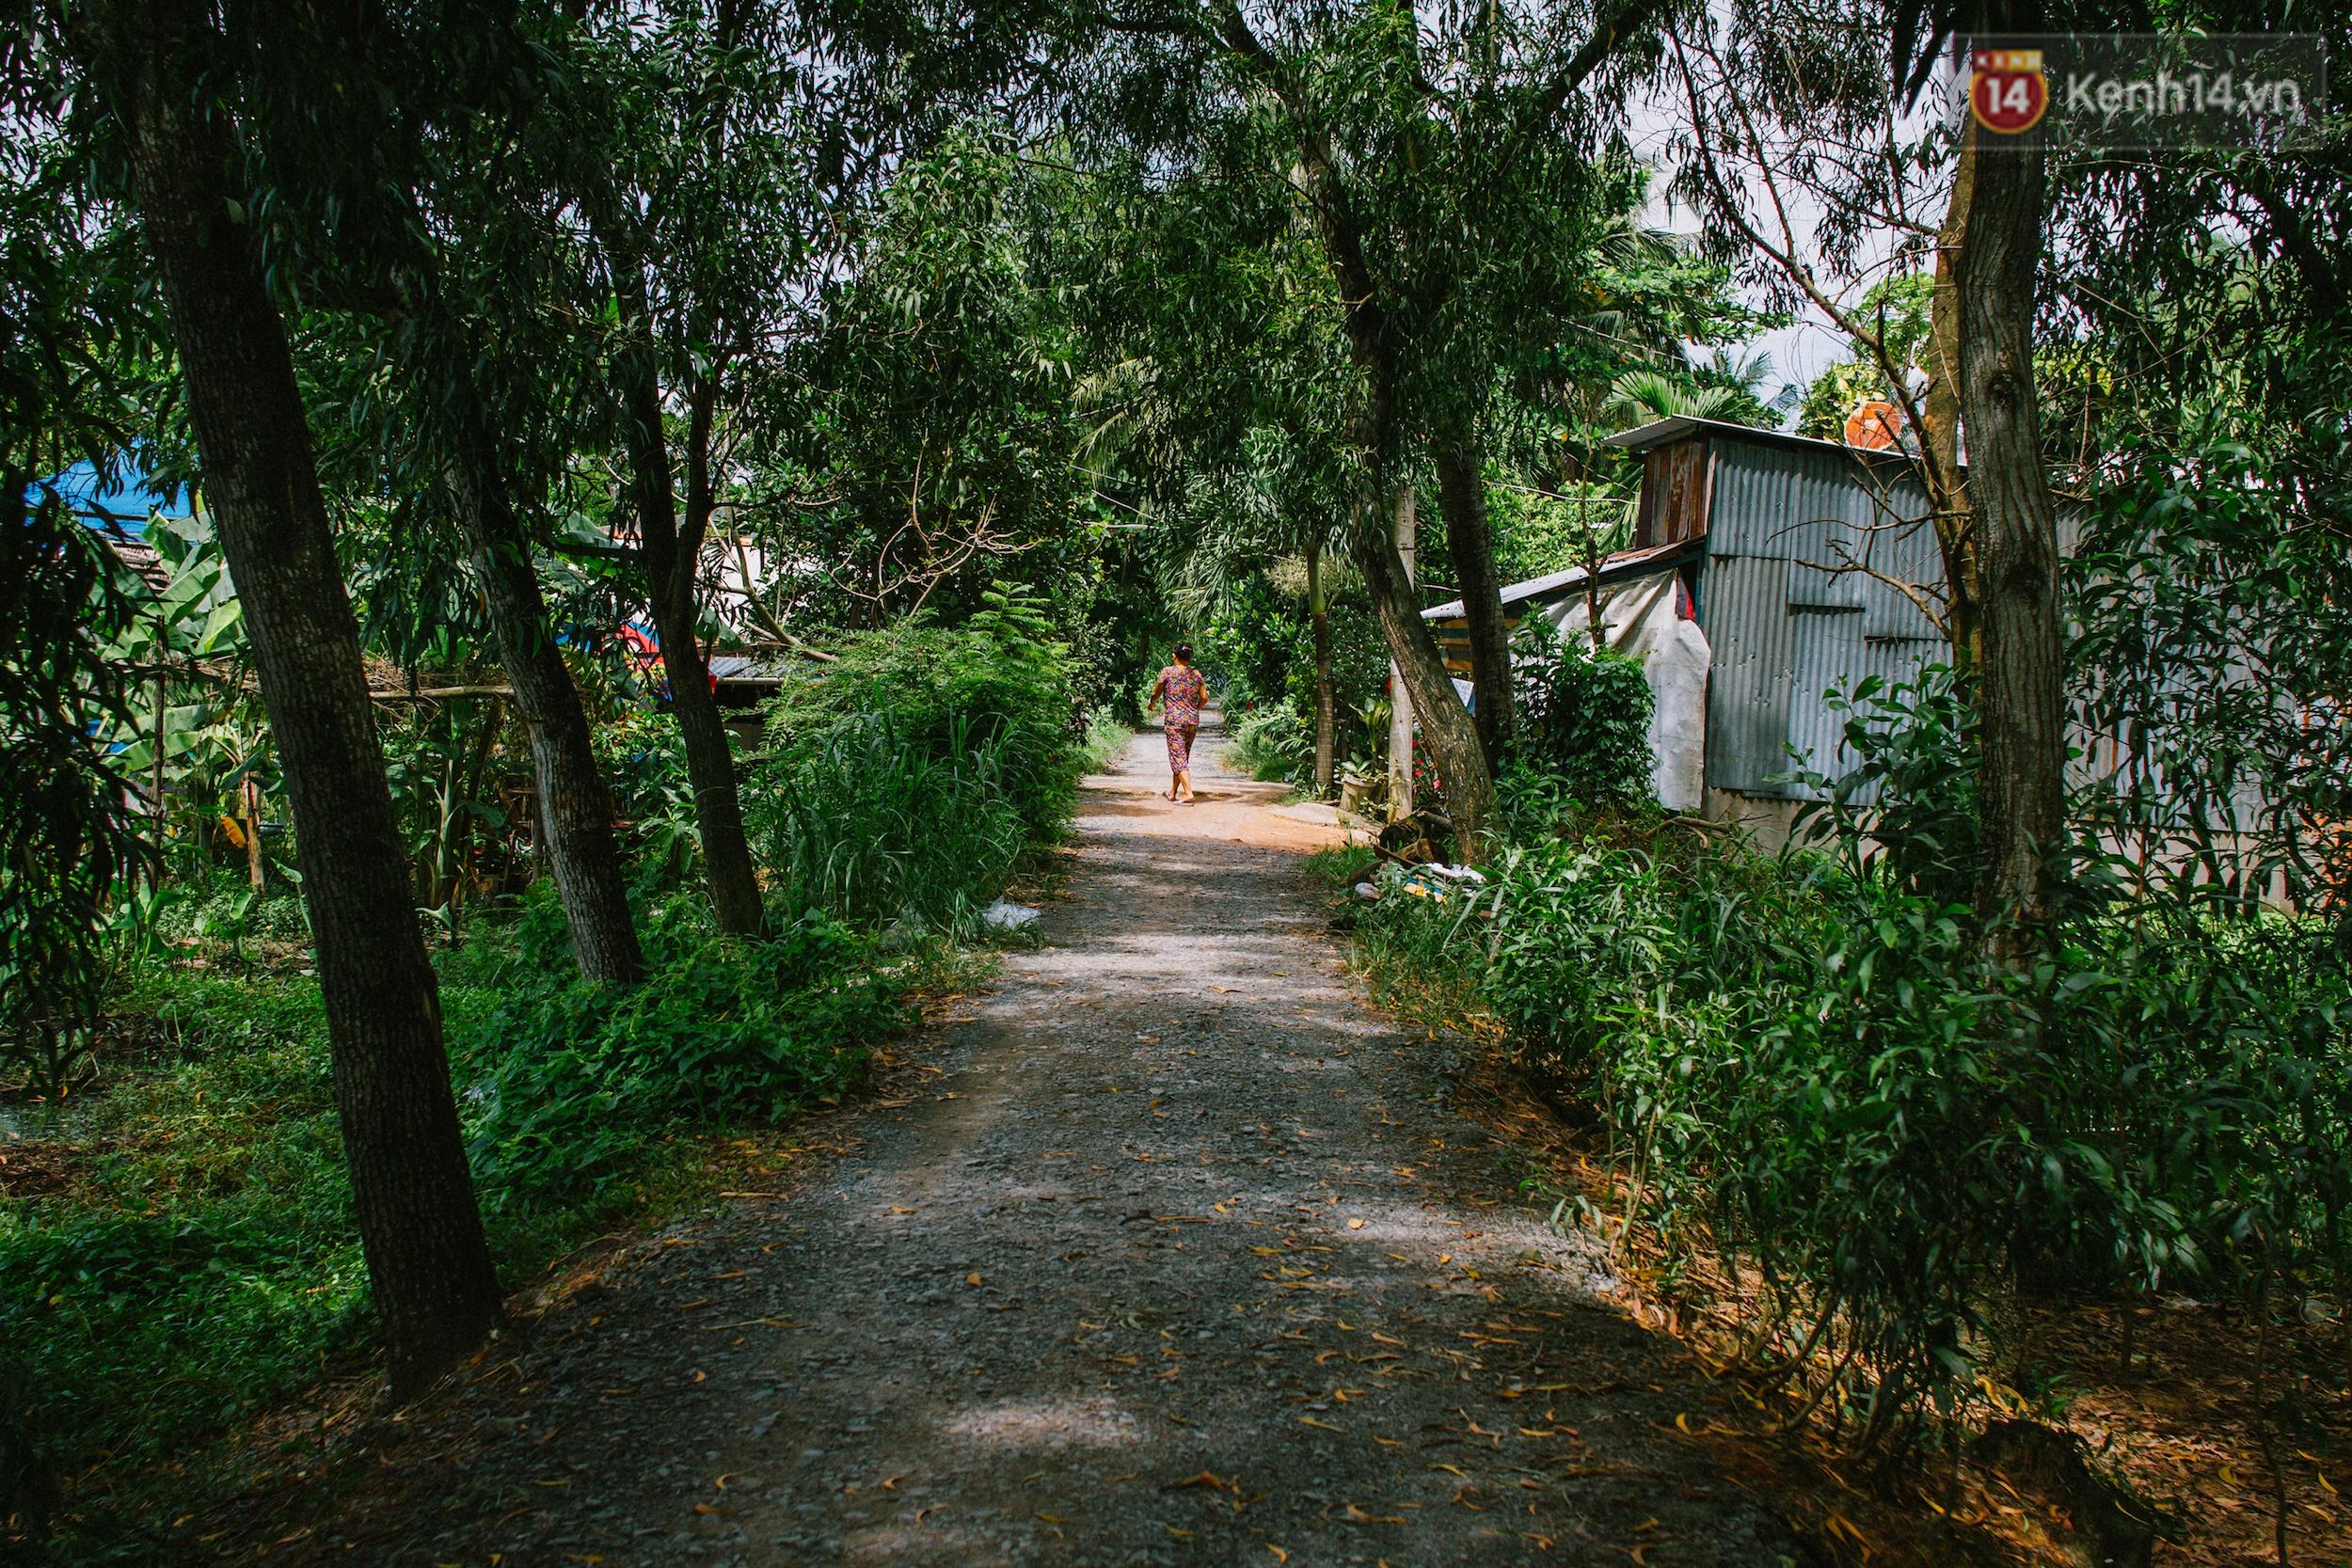 Chùm ảnh: Cuộc sống ở bán đảo Thanh Đa - Một miền nông thôn tách biệt dù chỉ cách trung tâm Sài Gòn vài km - Ảnh 3.